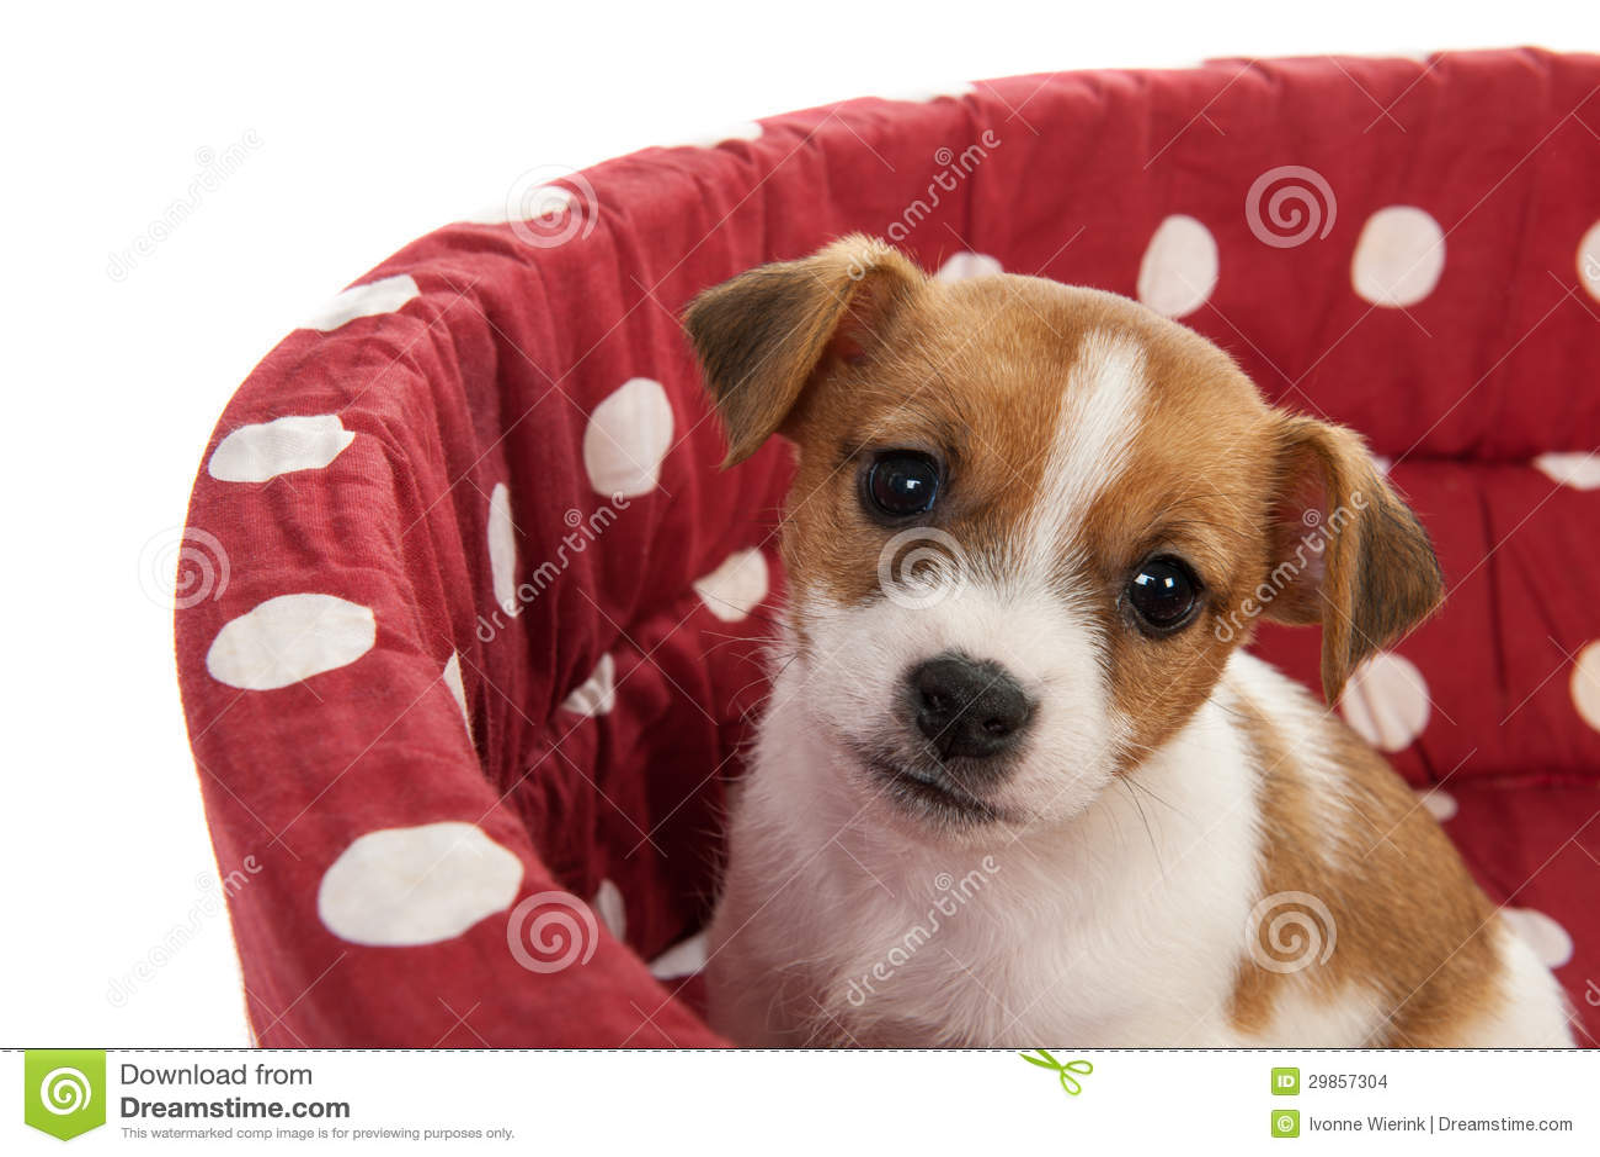 Cama manchada rojo del animal doméstico con el pequeño perrito